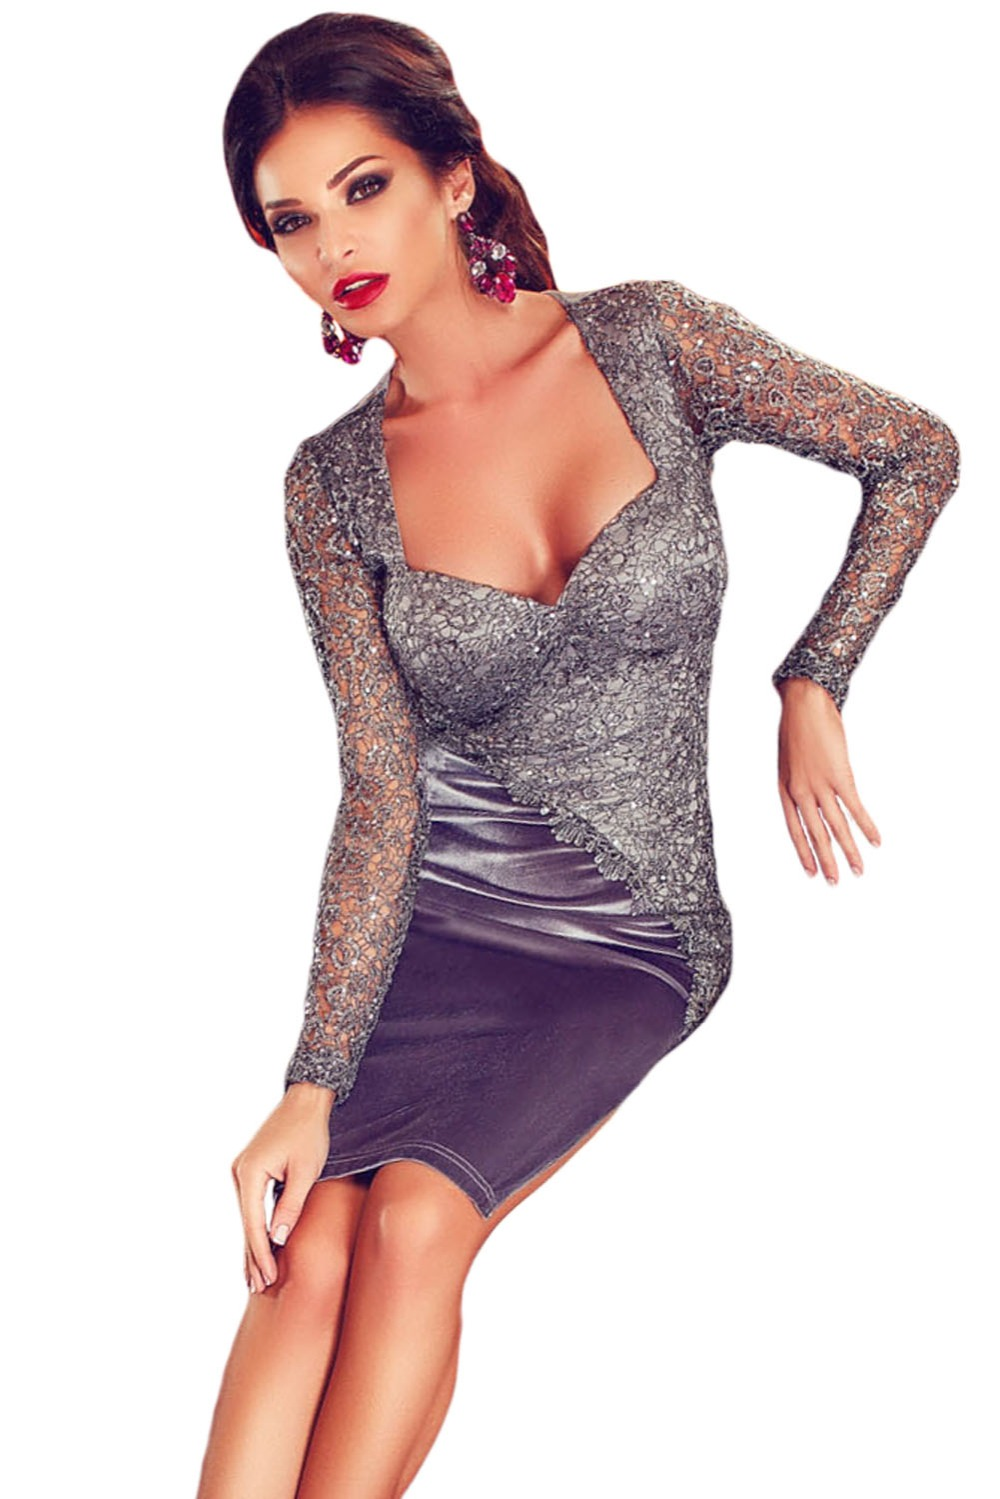 Otoño vestidos formales de oficina para las mujeres top jpg 1000x1499 Vestidos  formales para oficina b90a975585e8